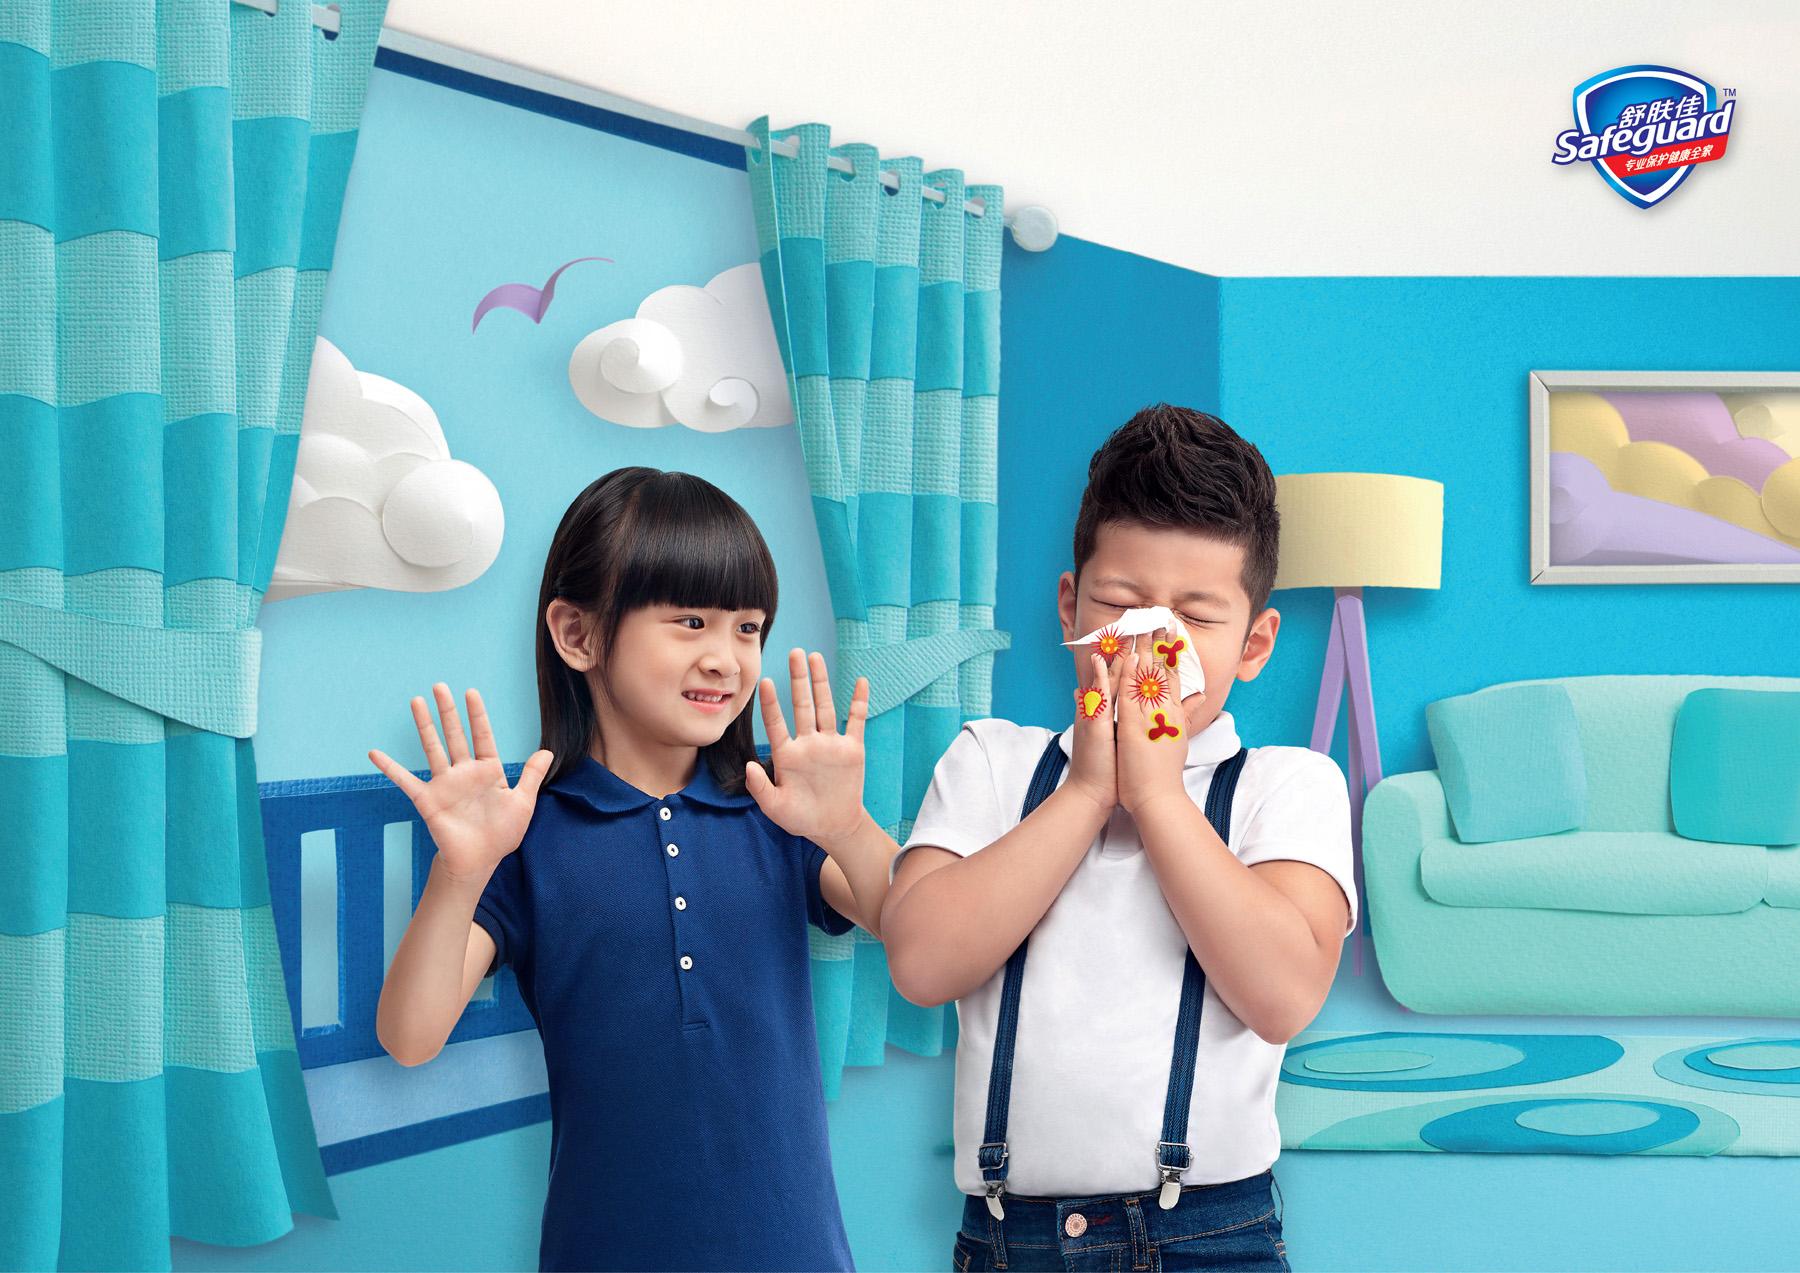 SFG_After Sneeze KV